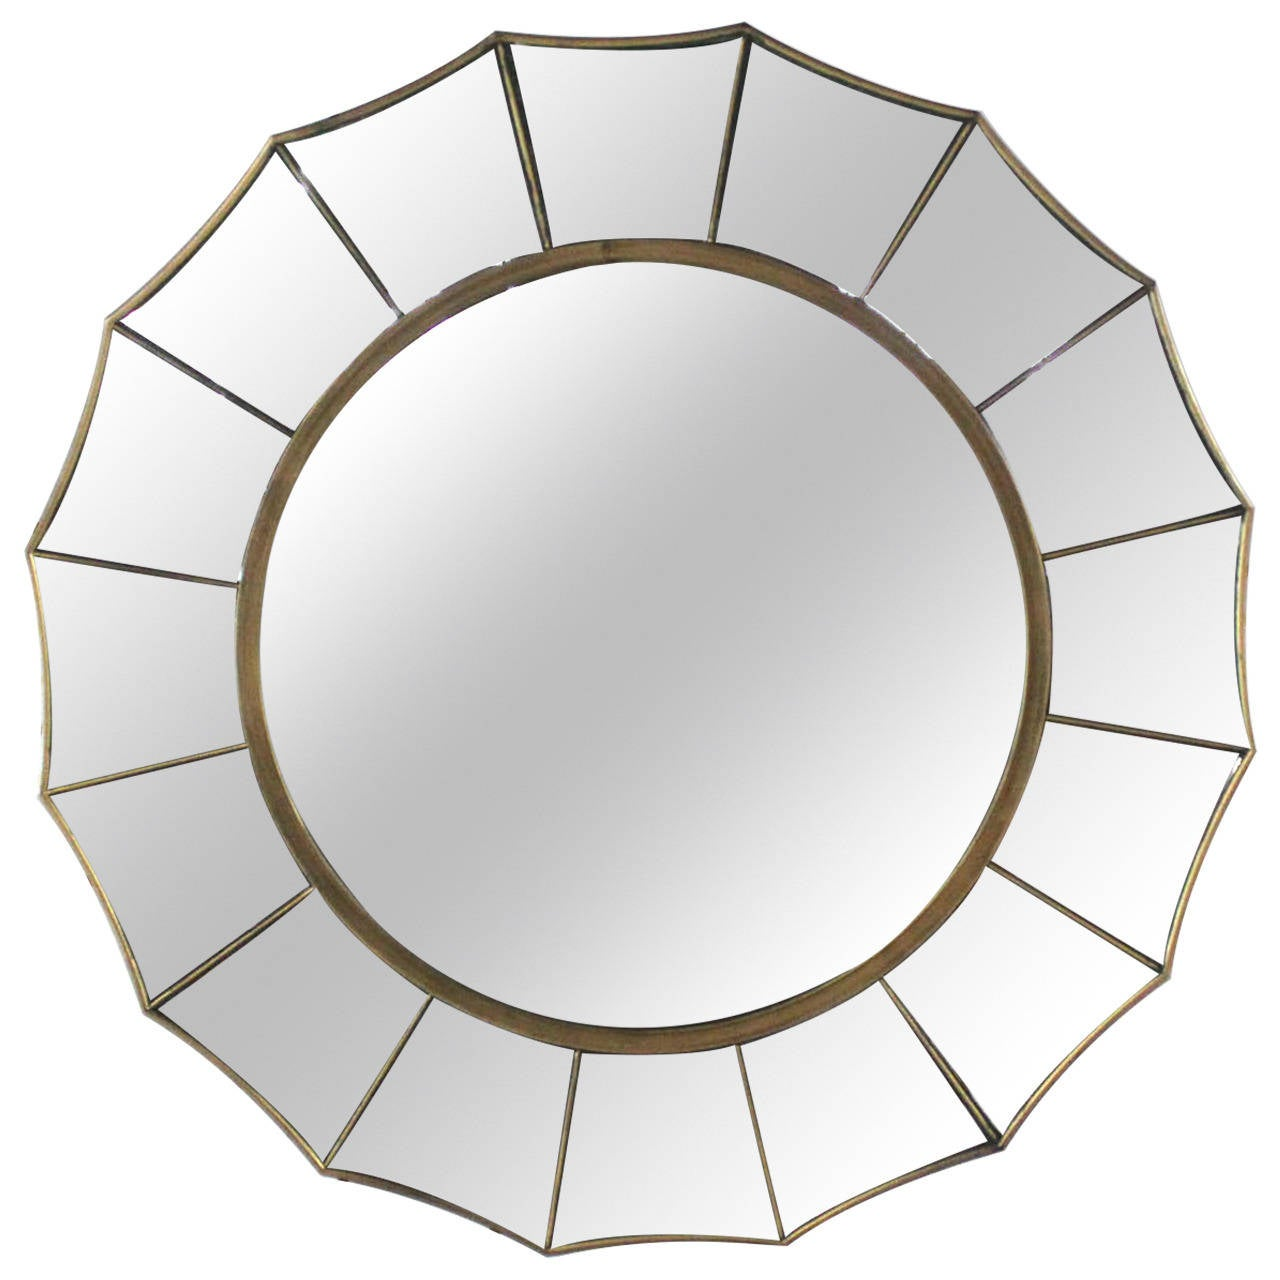 Mid century modern sunburst scalloped edge round wall Modern round mirror